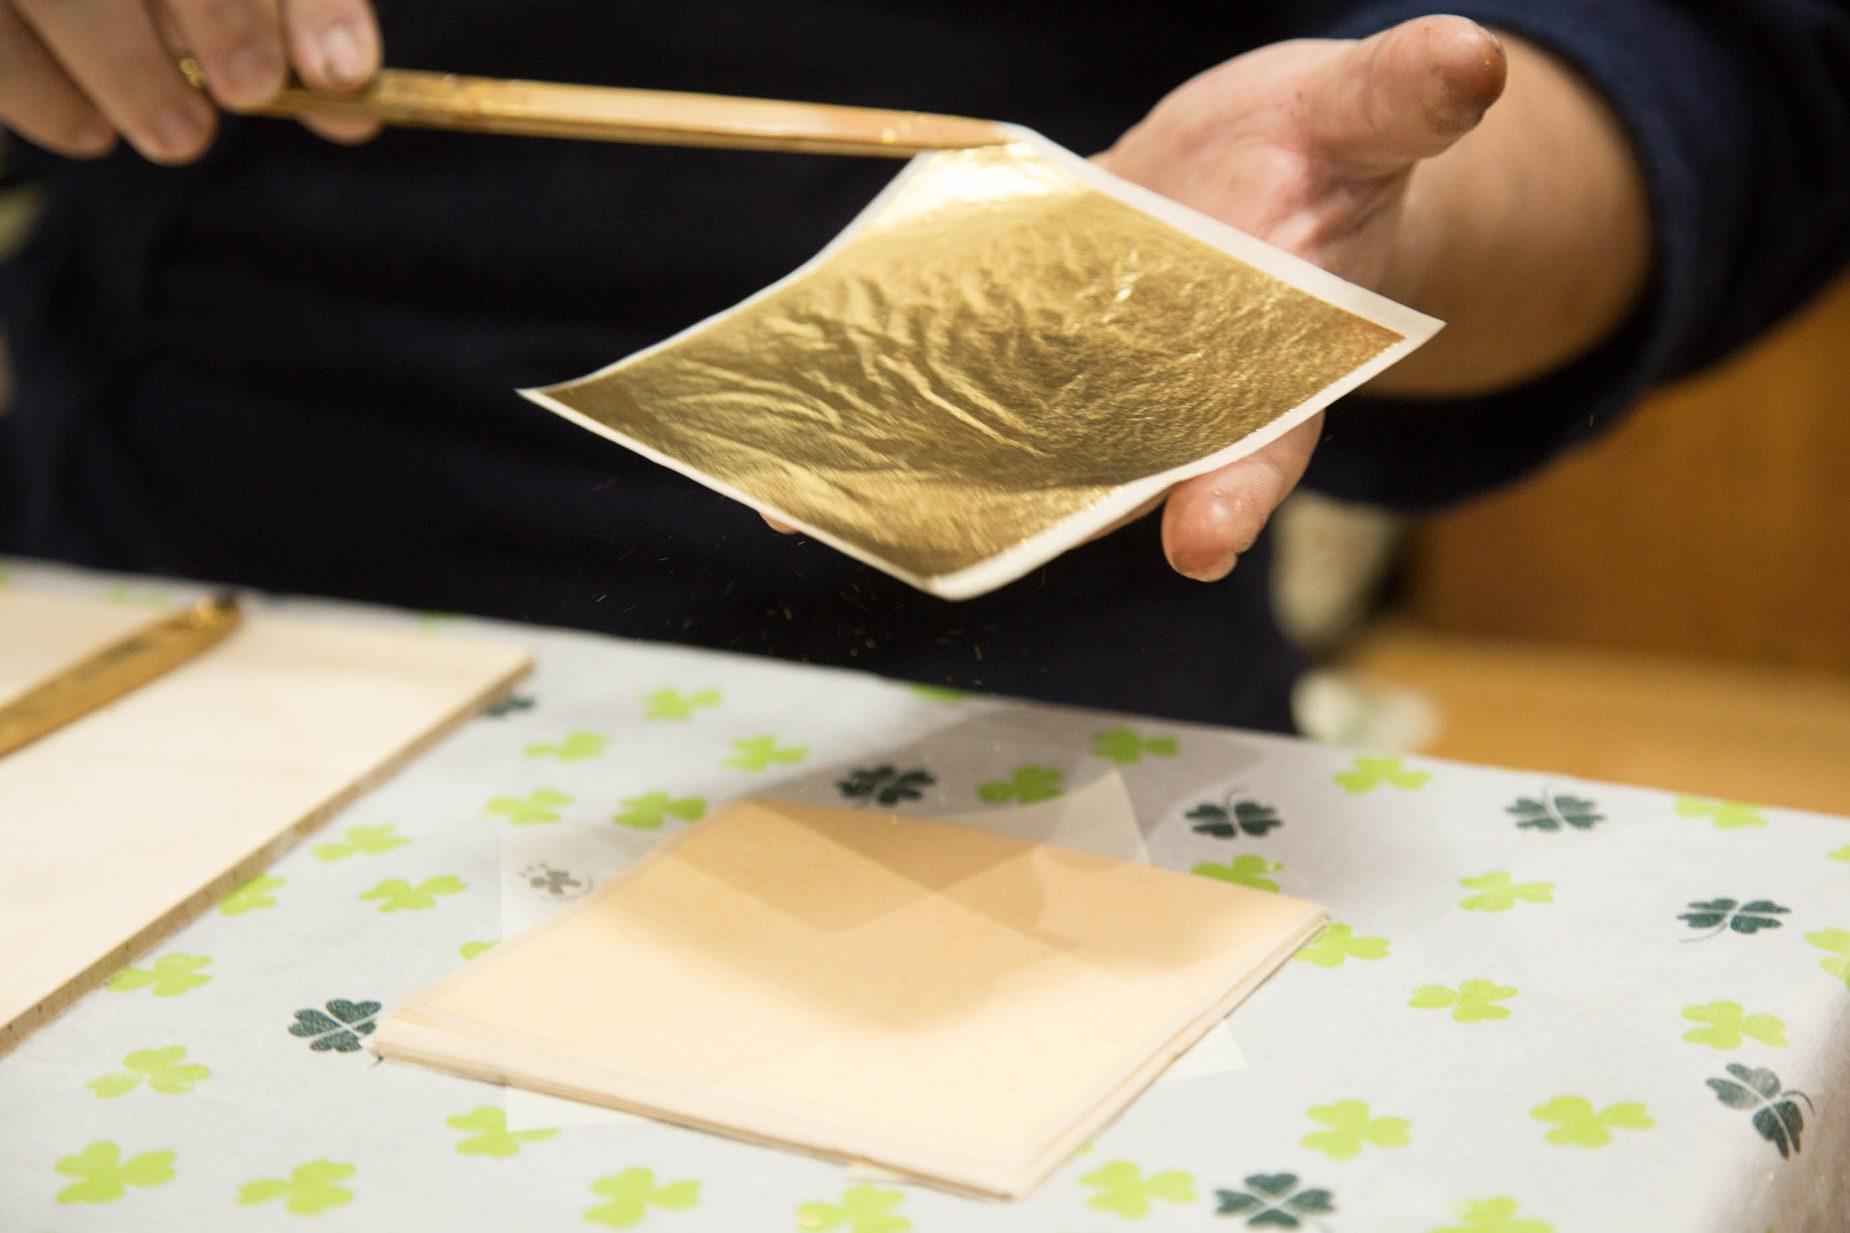 繊細な金箔を藤澤さんは金箔を挟む専用の箔箸を使い、華麗な手さばきで扱います。